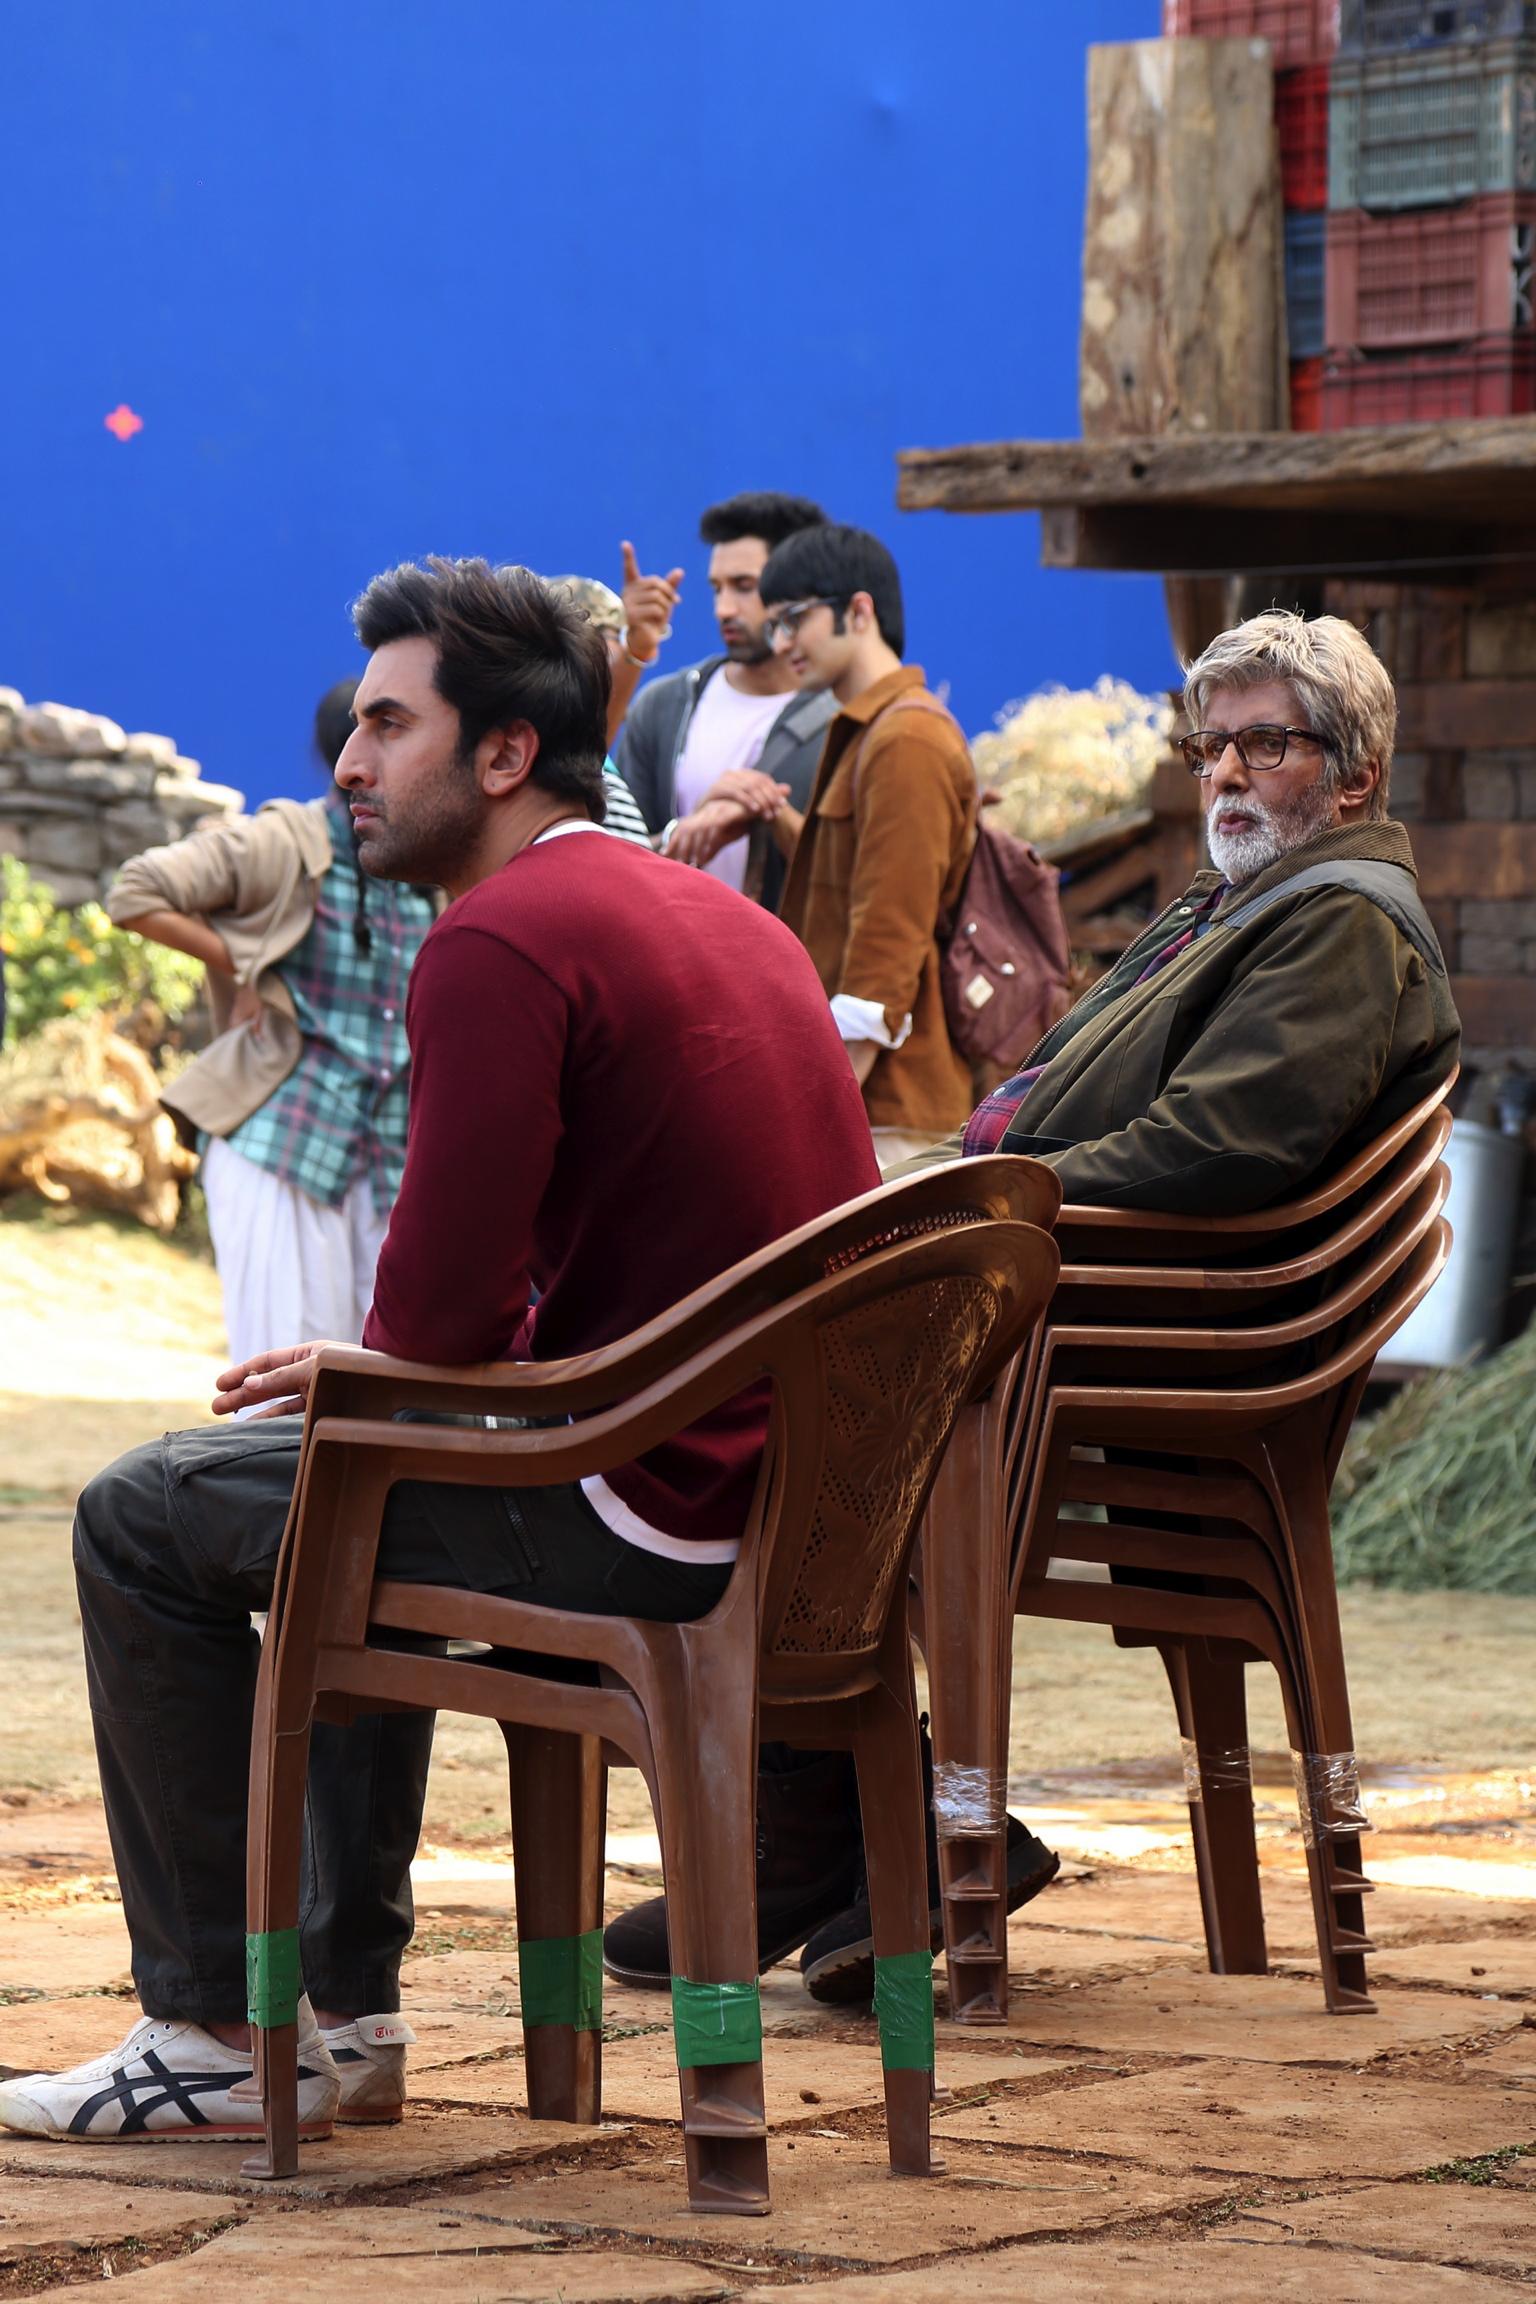 Image Image Shooting Amitabh Bachchan and Ranbir Kapoor